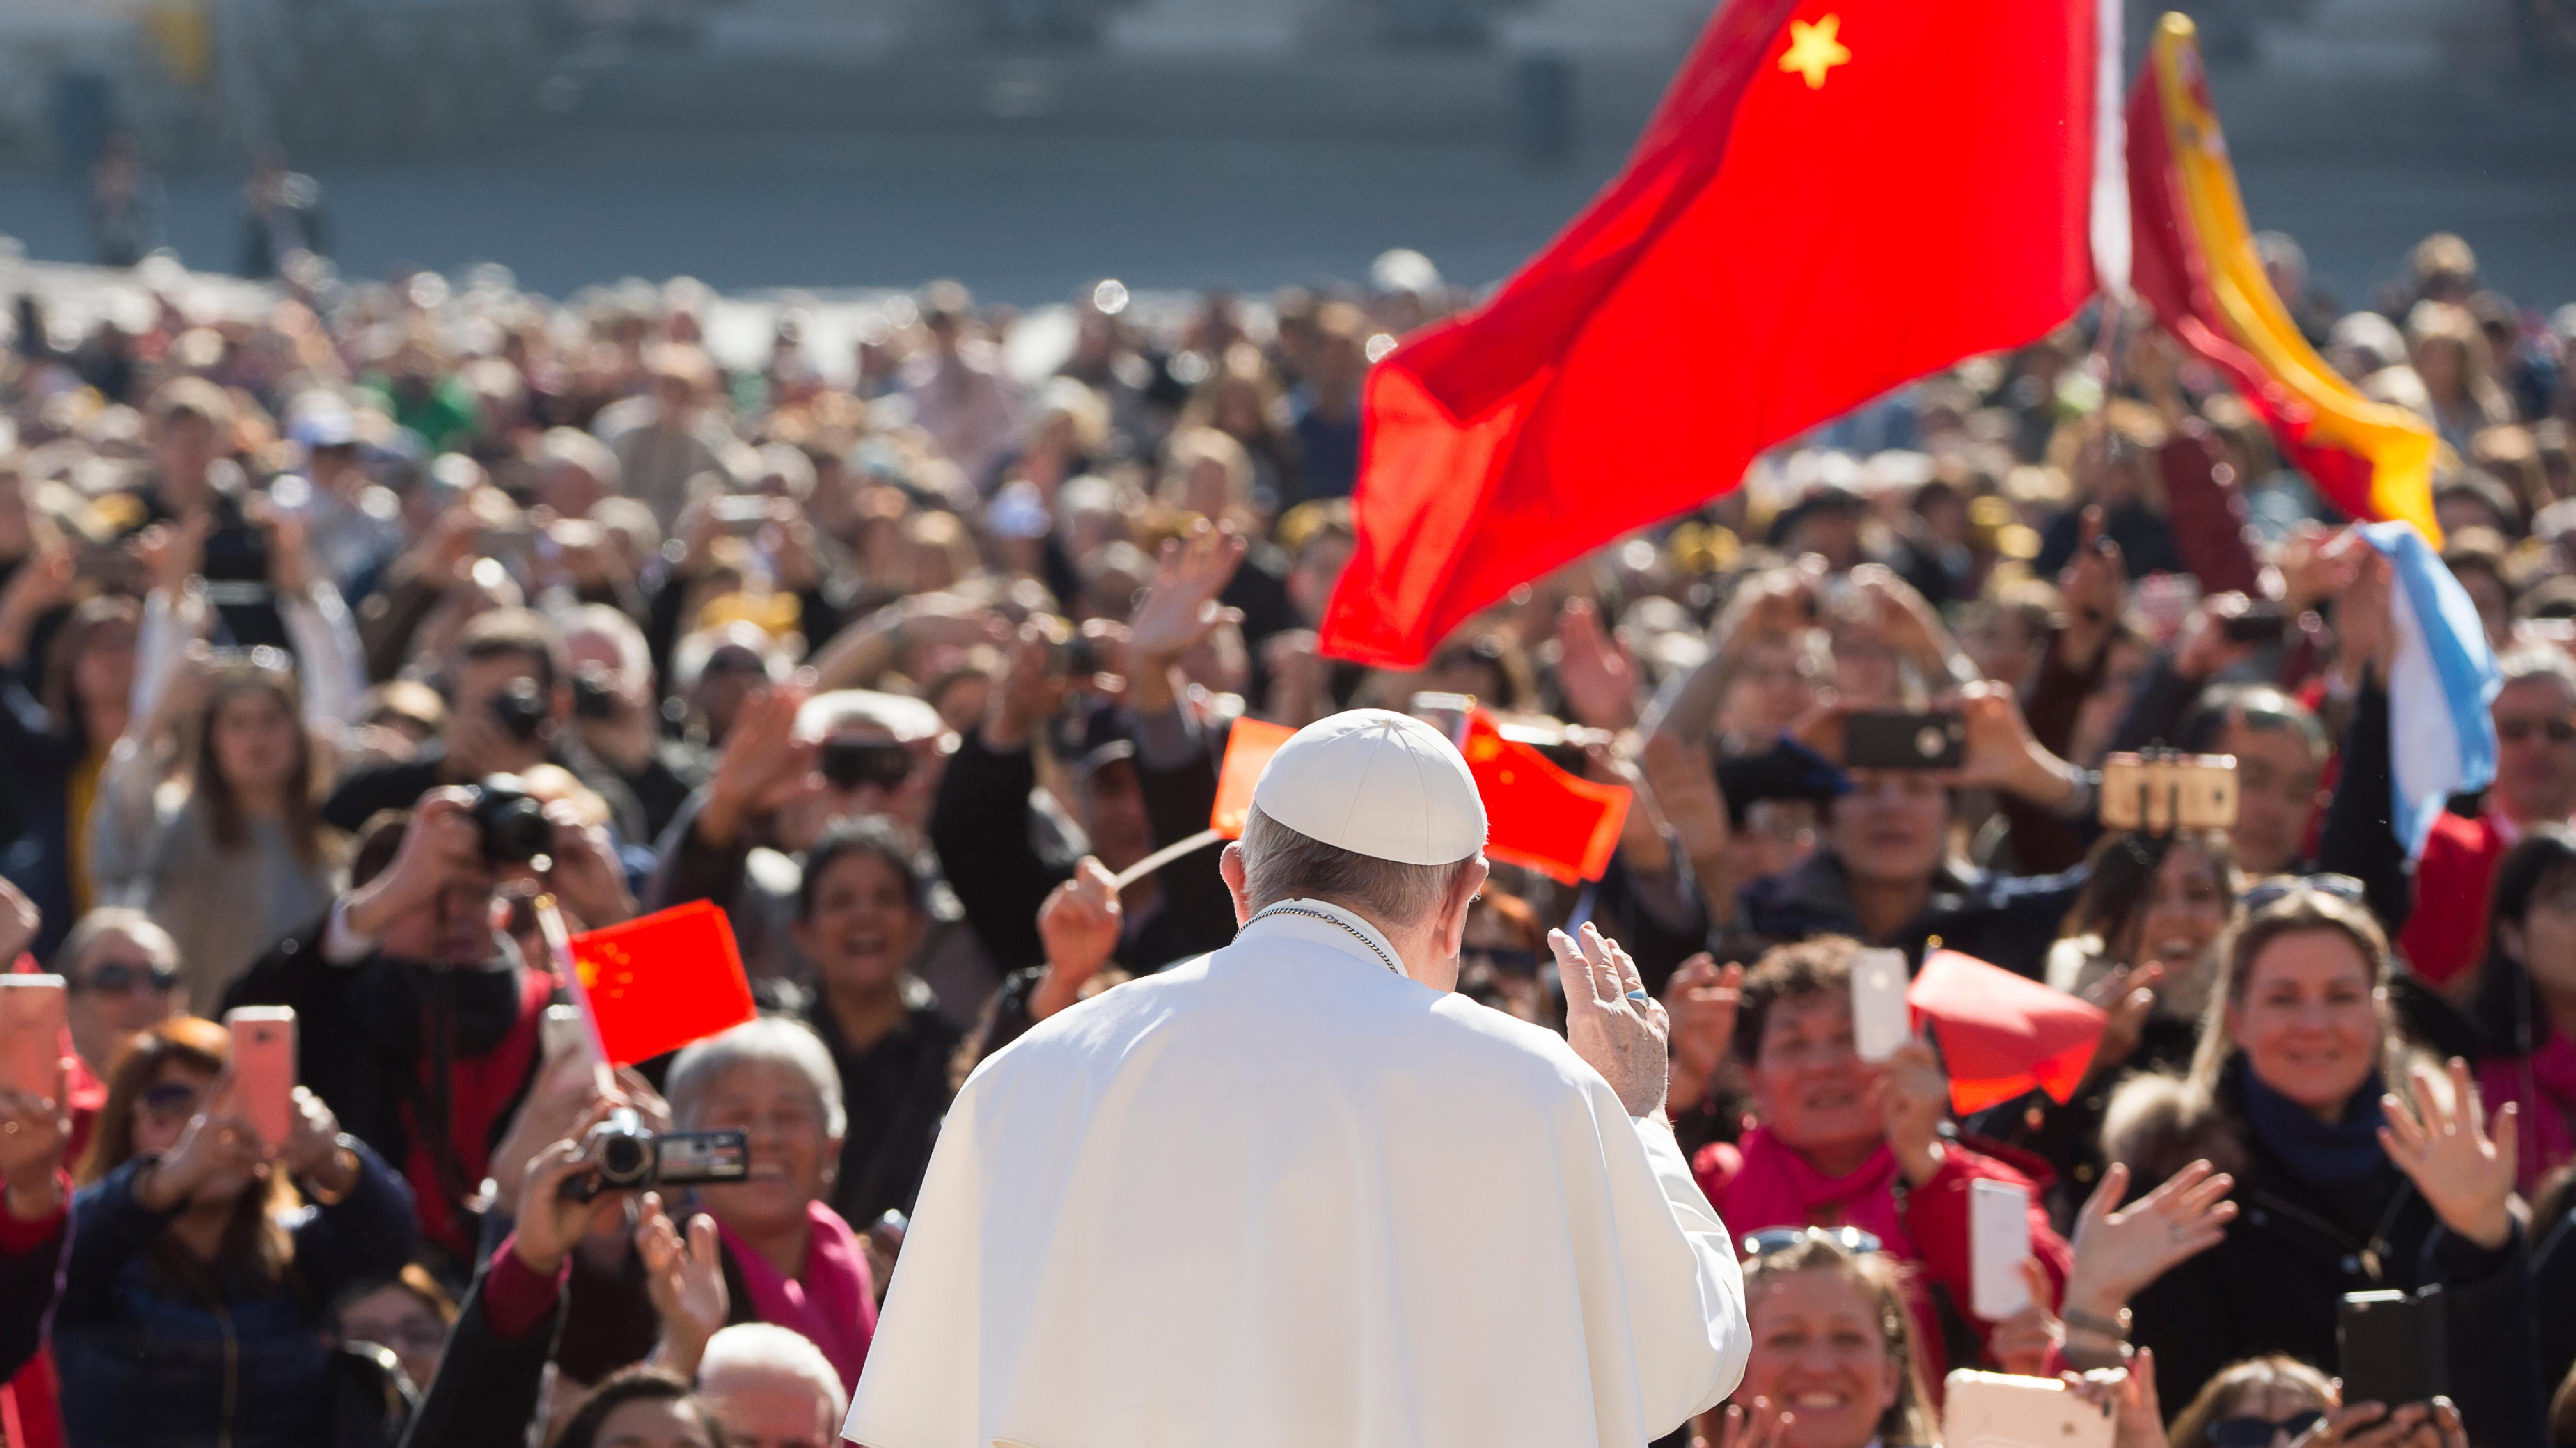 Le pape rencontre des pèlerins de Chine © L'Osservatore Romano